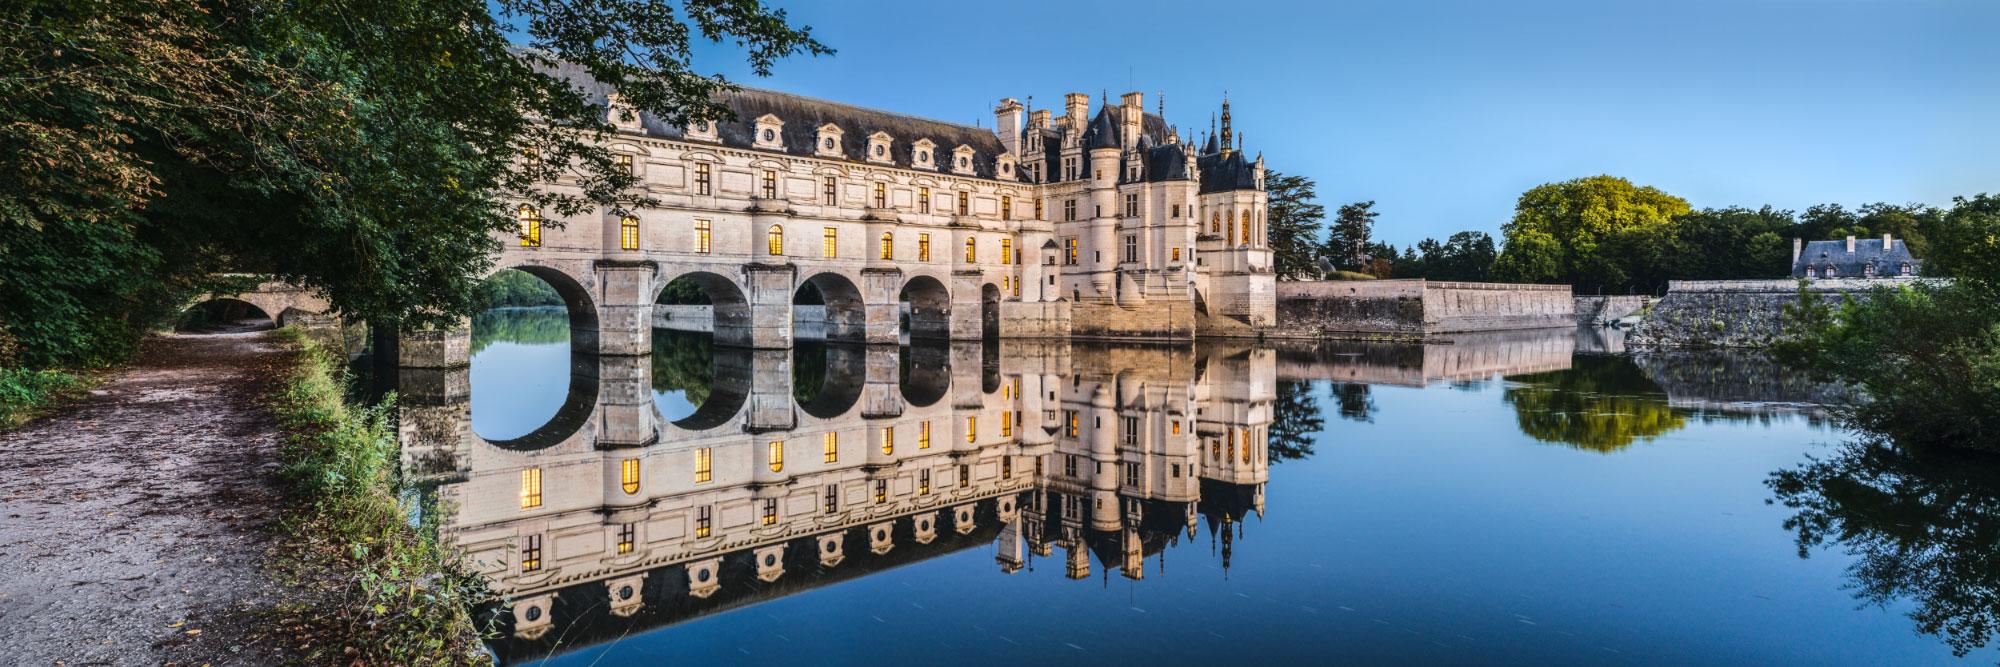 Château de Chenonceau, Val de Loire